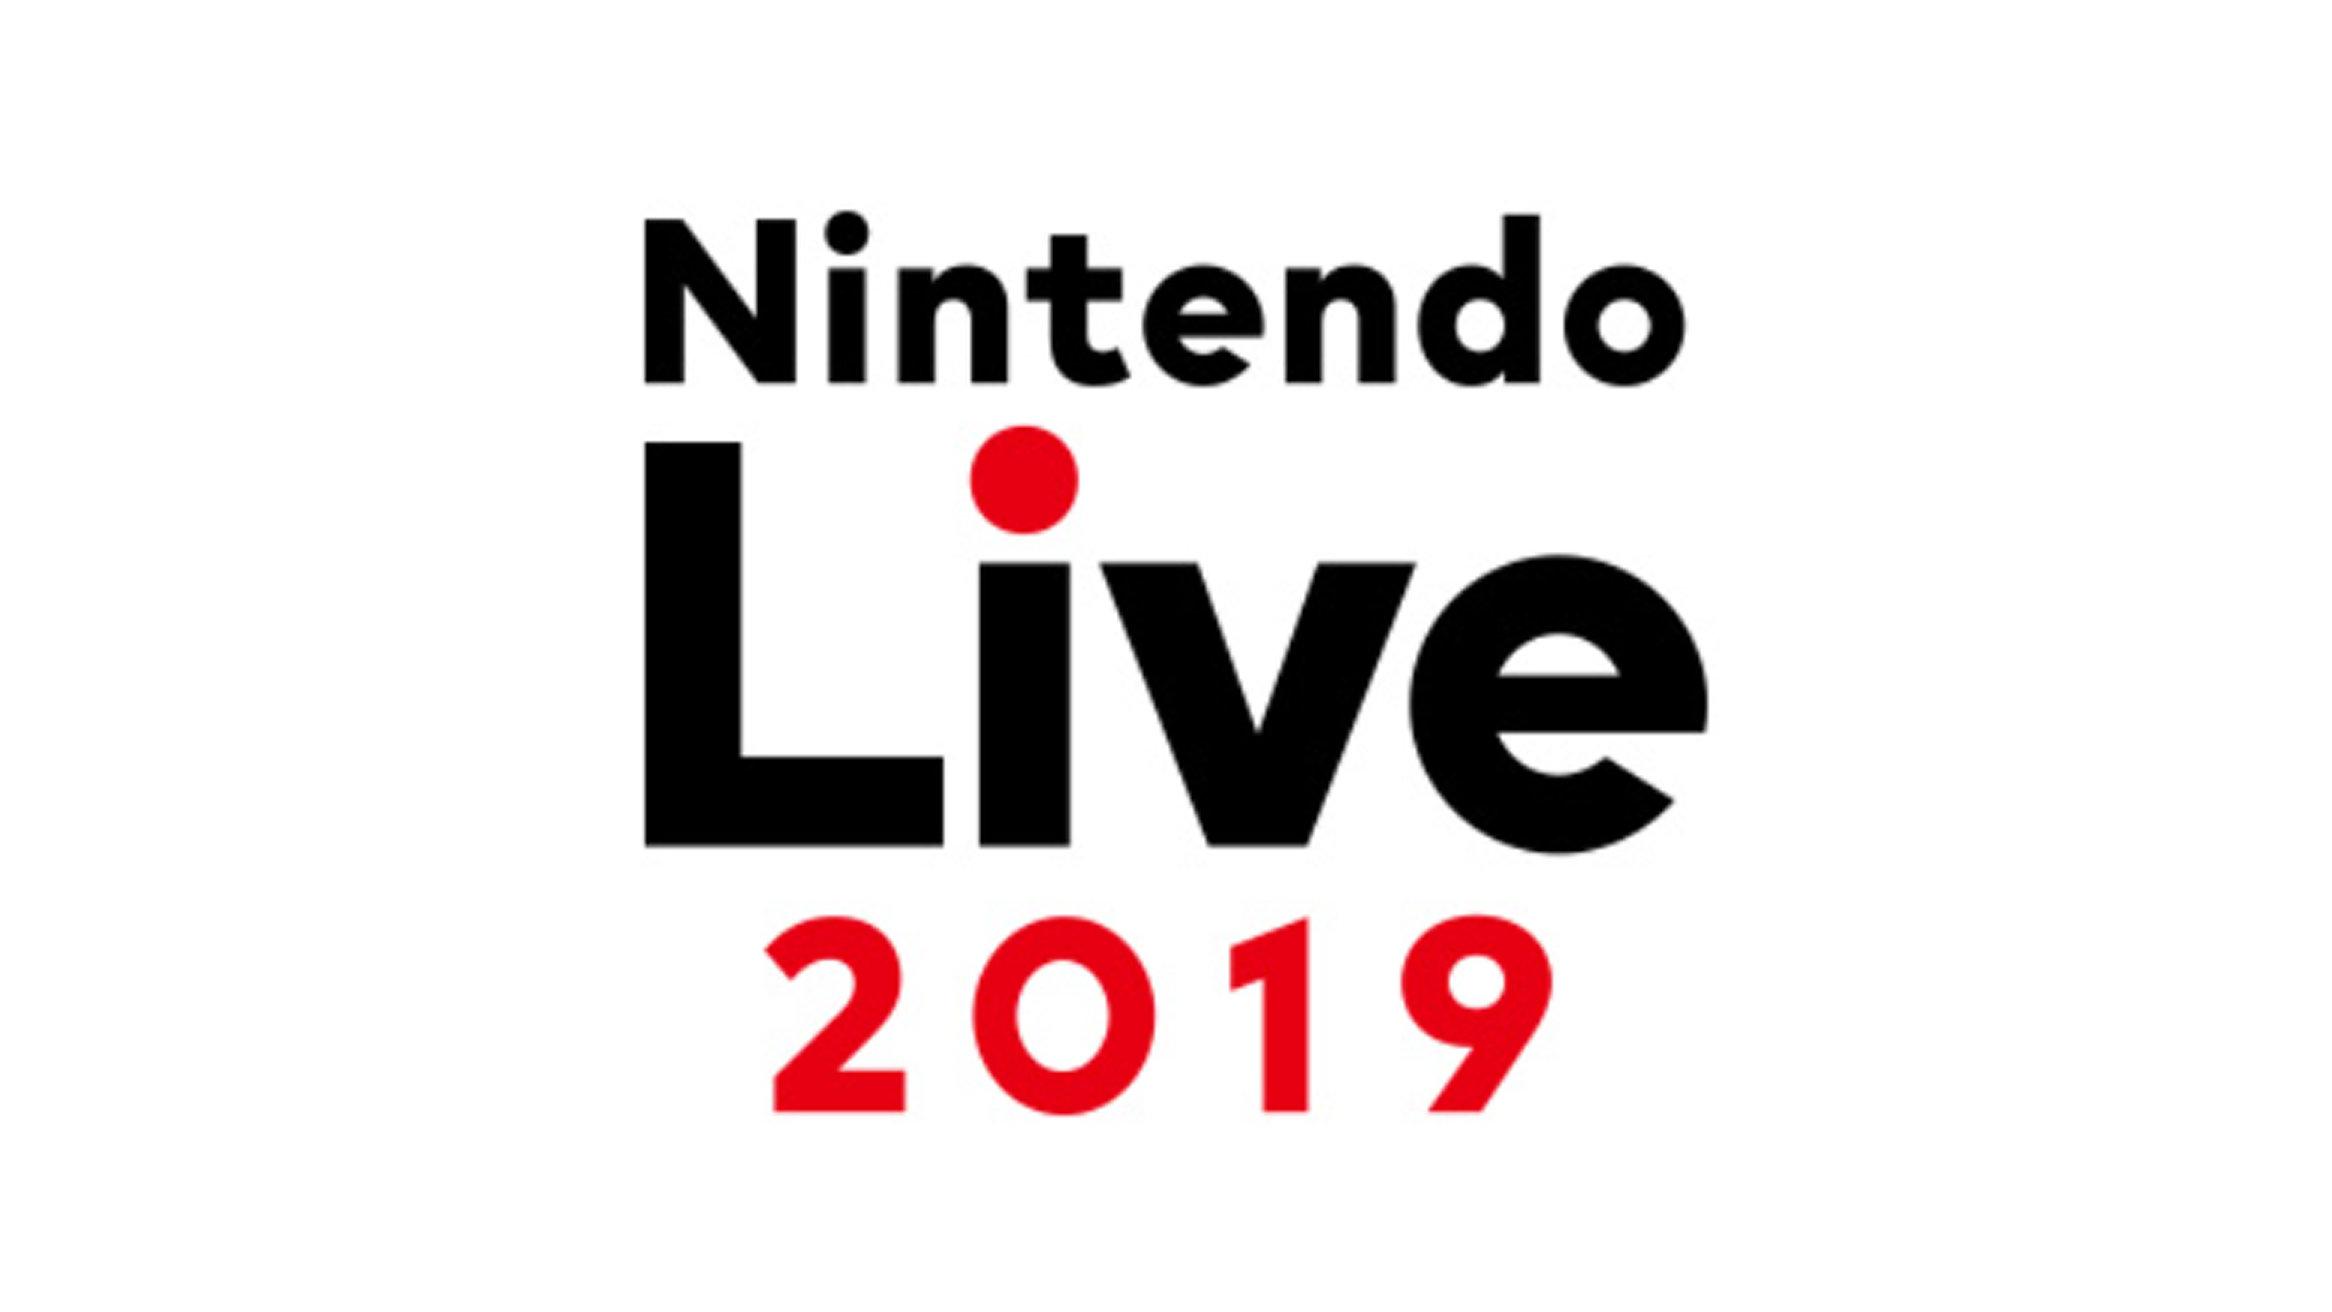 Nintendo Live 2019、YouTubeやニコニコのネット中継